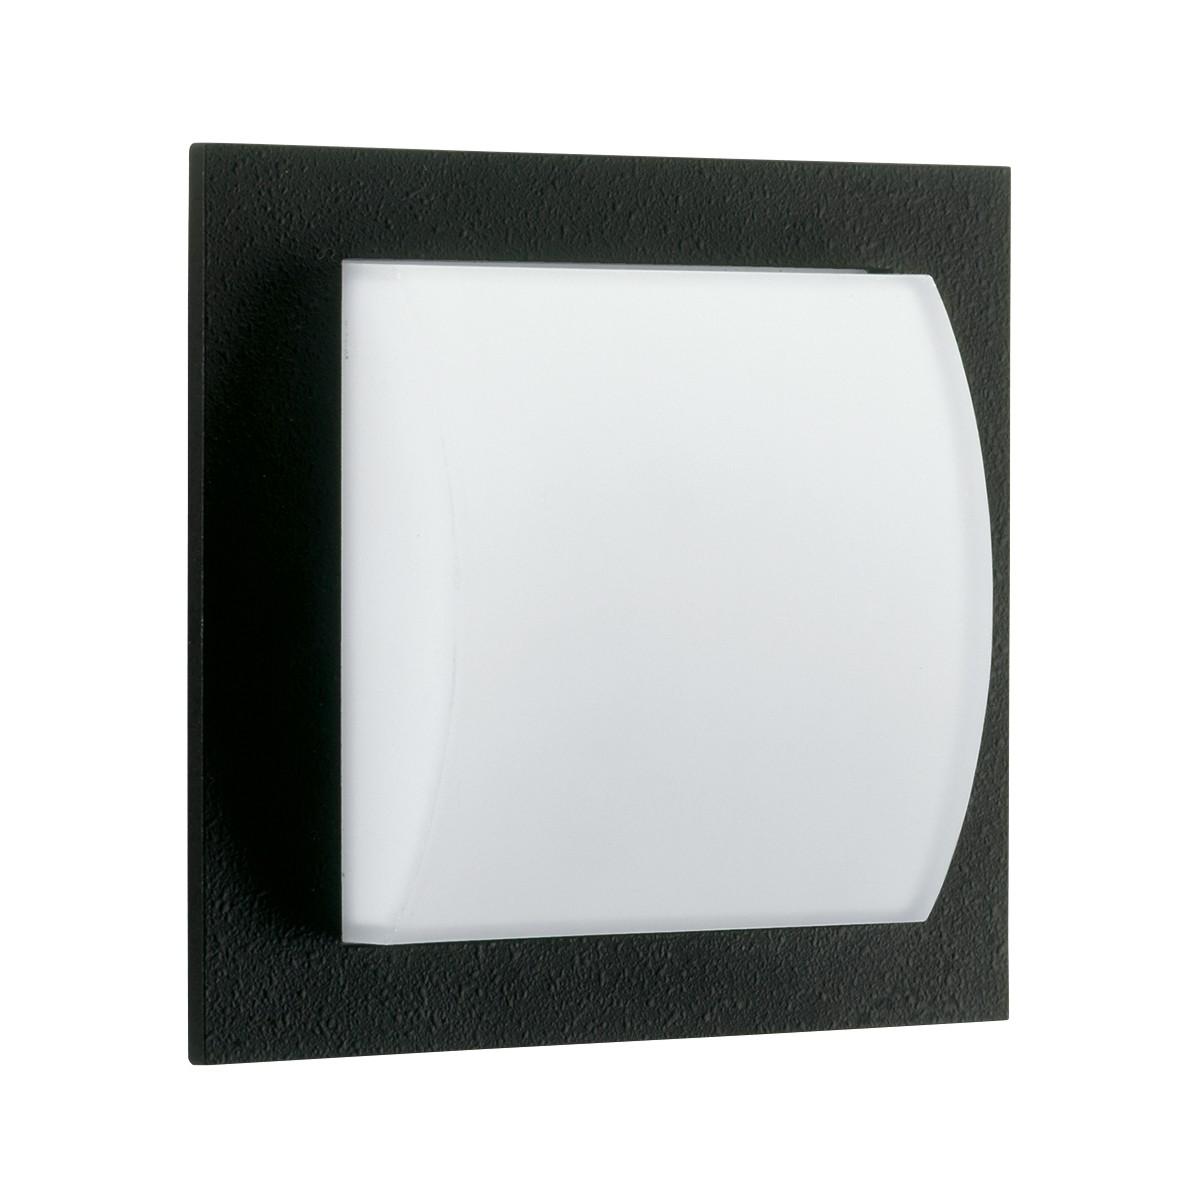 Albert 6209 Wand- / Deckenleuchte, schwarz